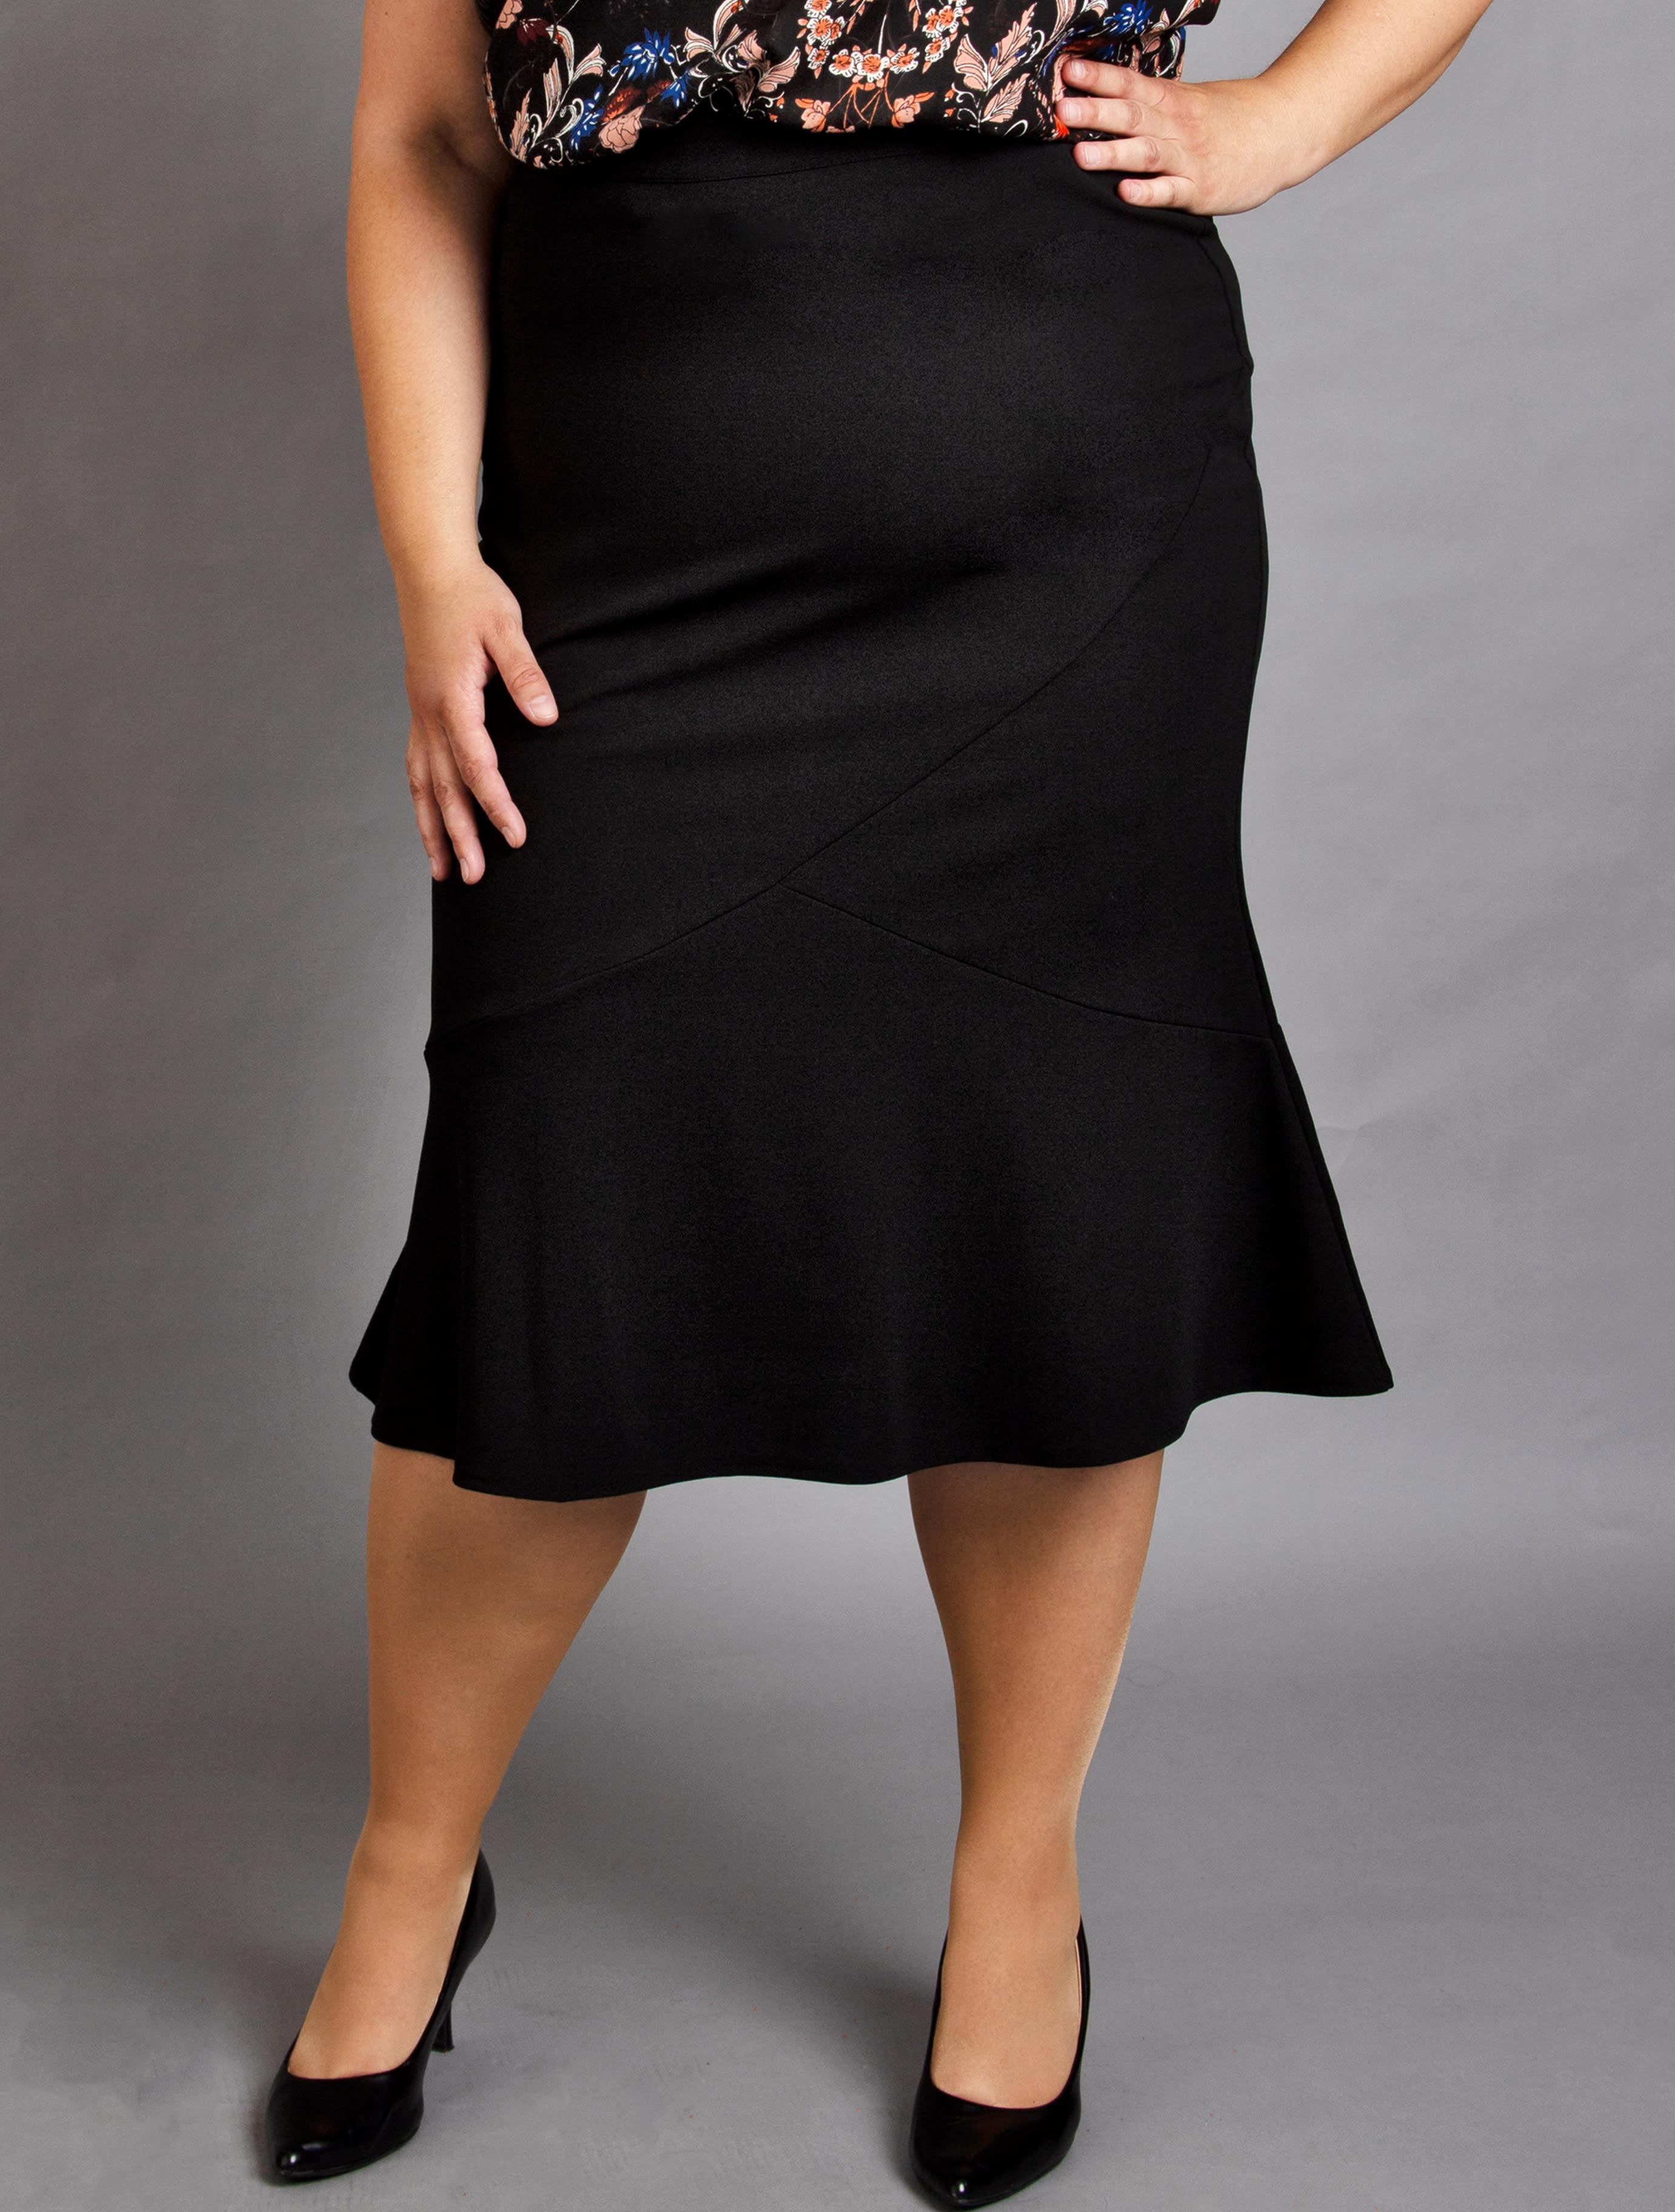 e8694fed221f ♥ Röcke große Größen ♥ Riesige Auswahl bei Wundercurves